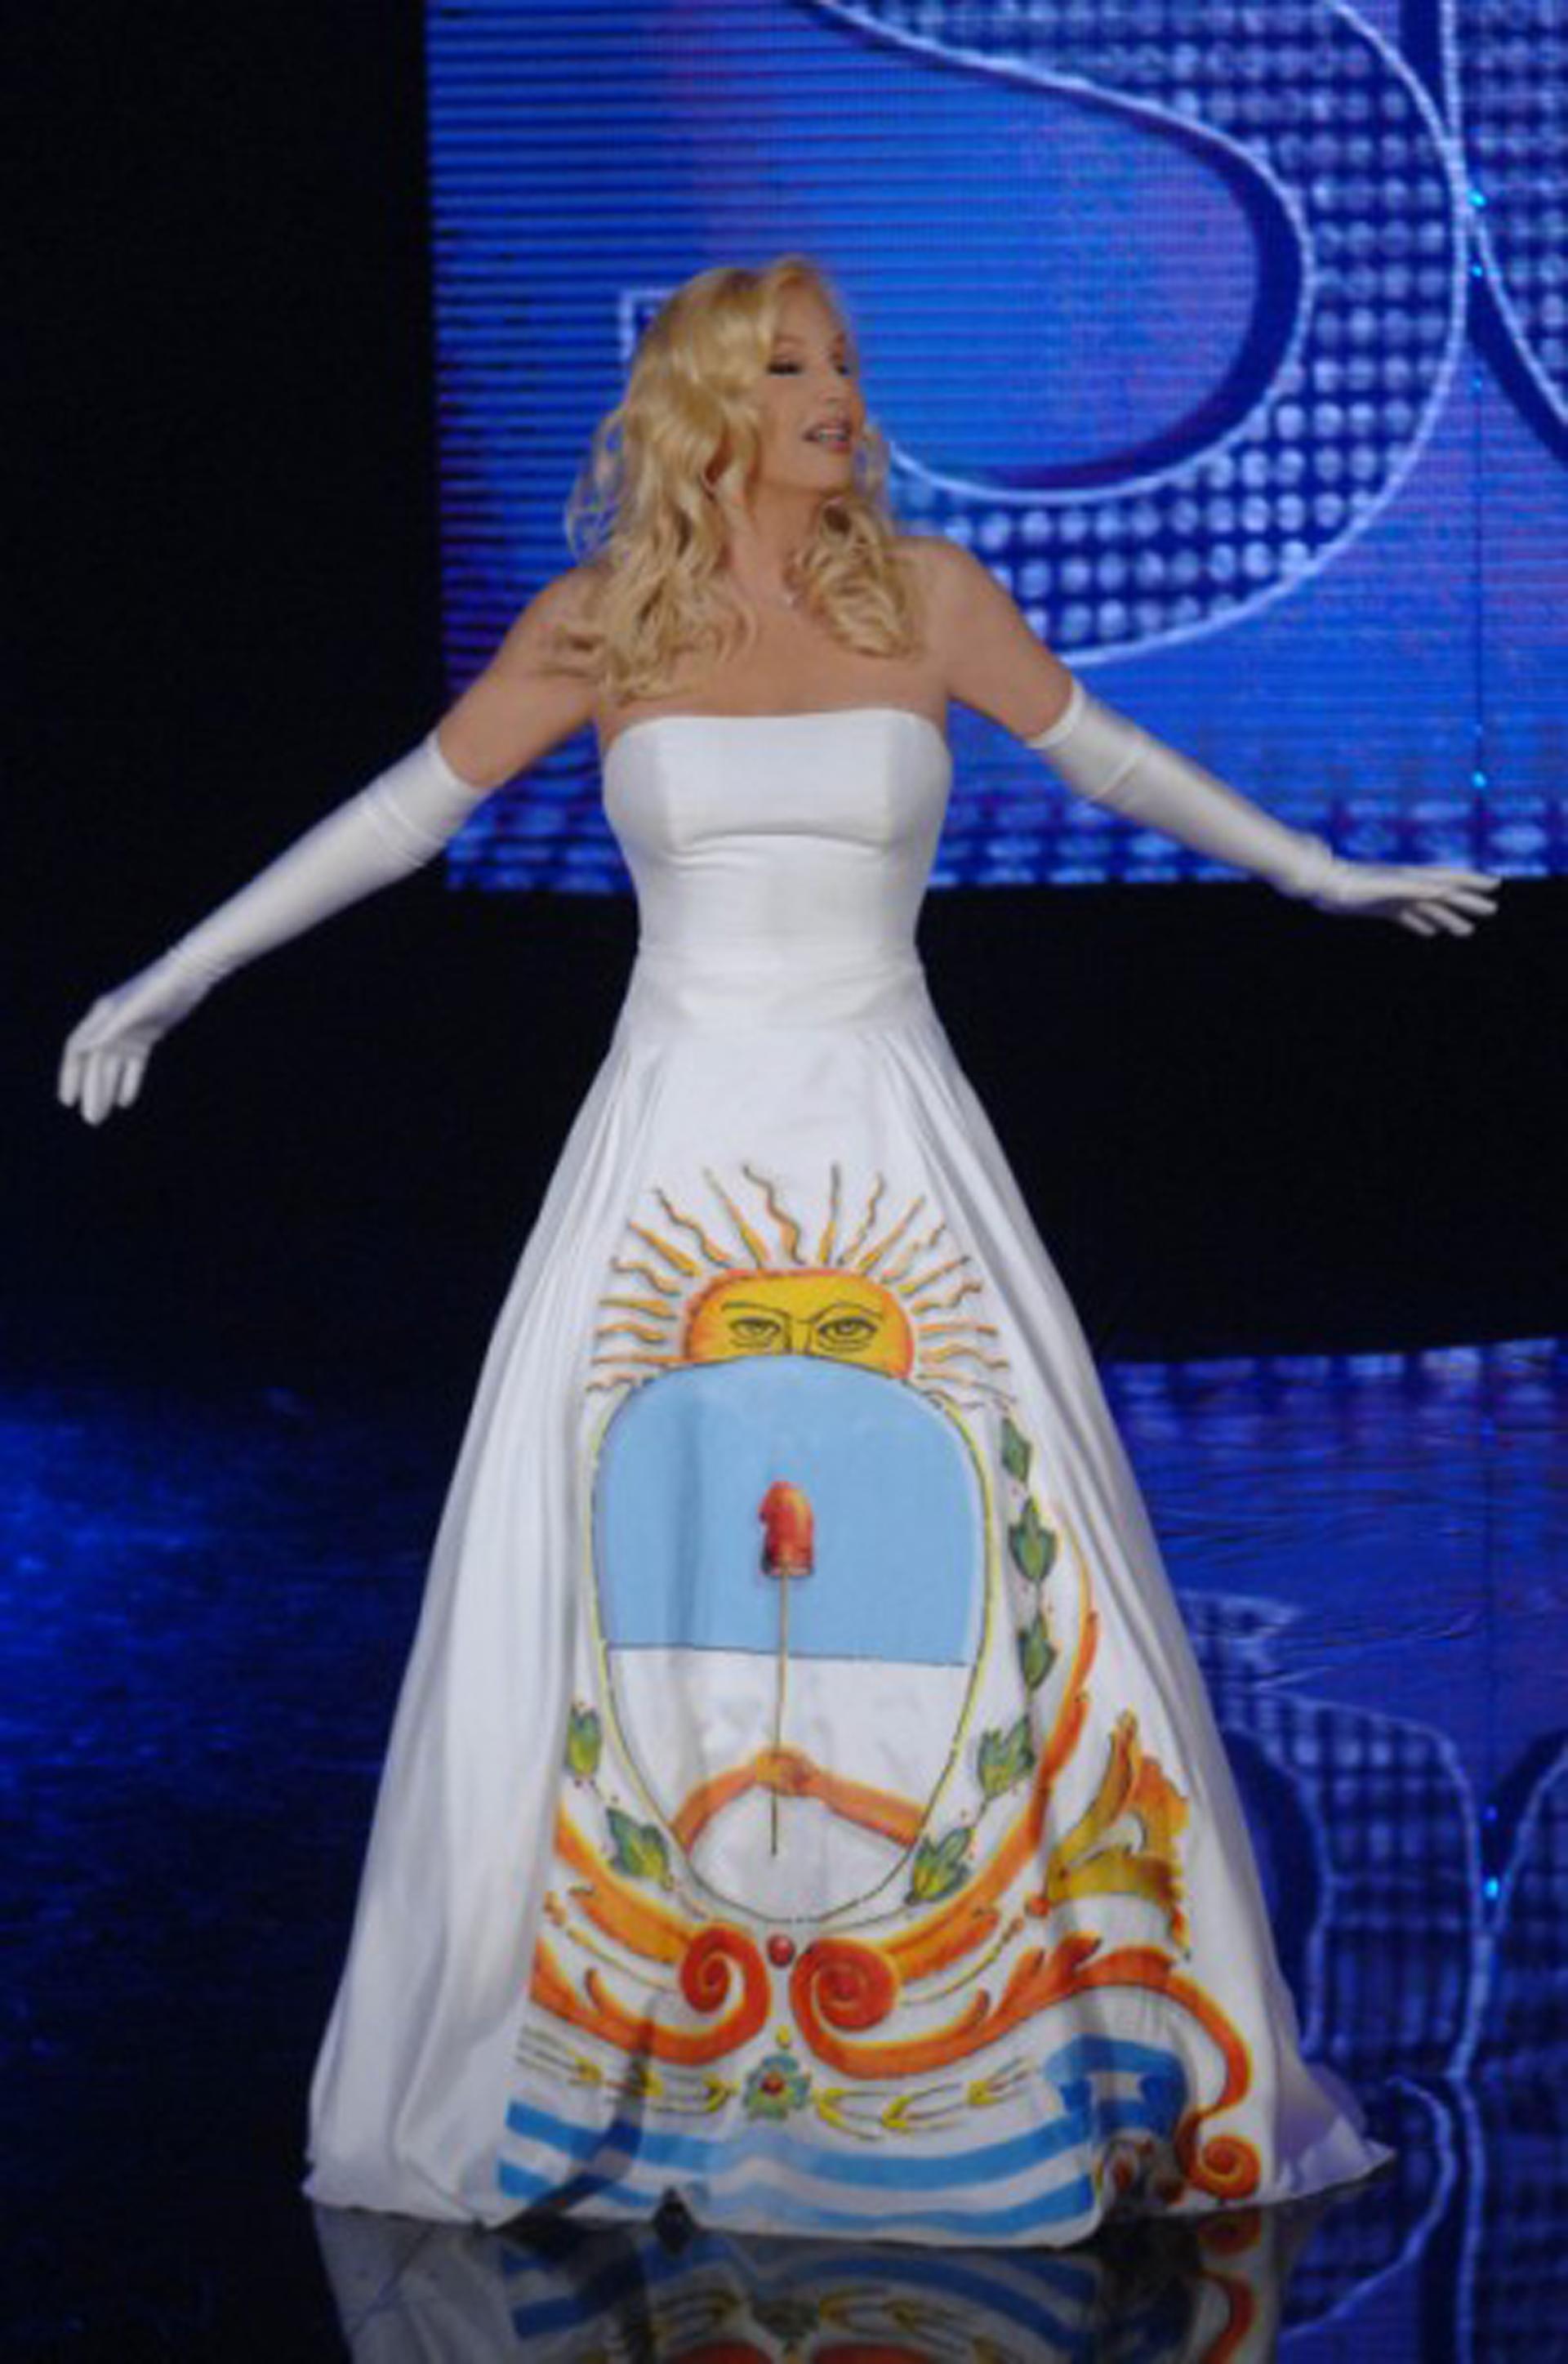 En el año 2010, para celebrar el bicentenario, Susana inició el ciclo de su programa con un vestido blanco strapless realizado por el diseñador Di Doménico con la falda pintada a mano por el artista Martiniano Arce acompañándolo con guantes XL blancos